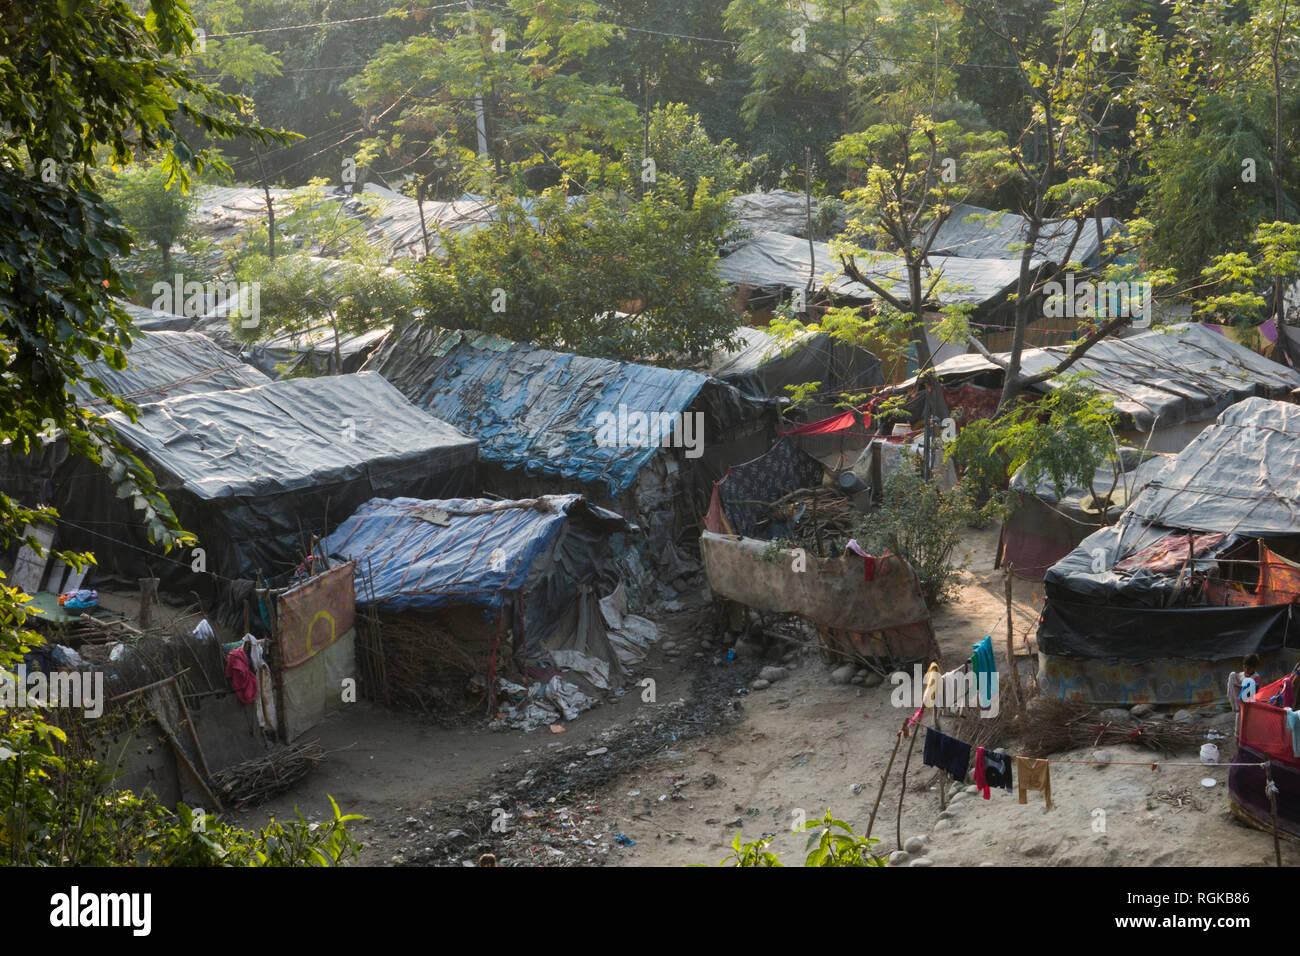 Viviendas básicas de la pobreza, la vida comunitaria en las afueras de Haridwar, Uttarakhand, India Imagen De Stock